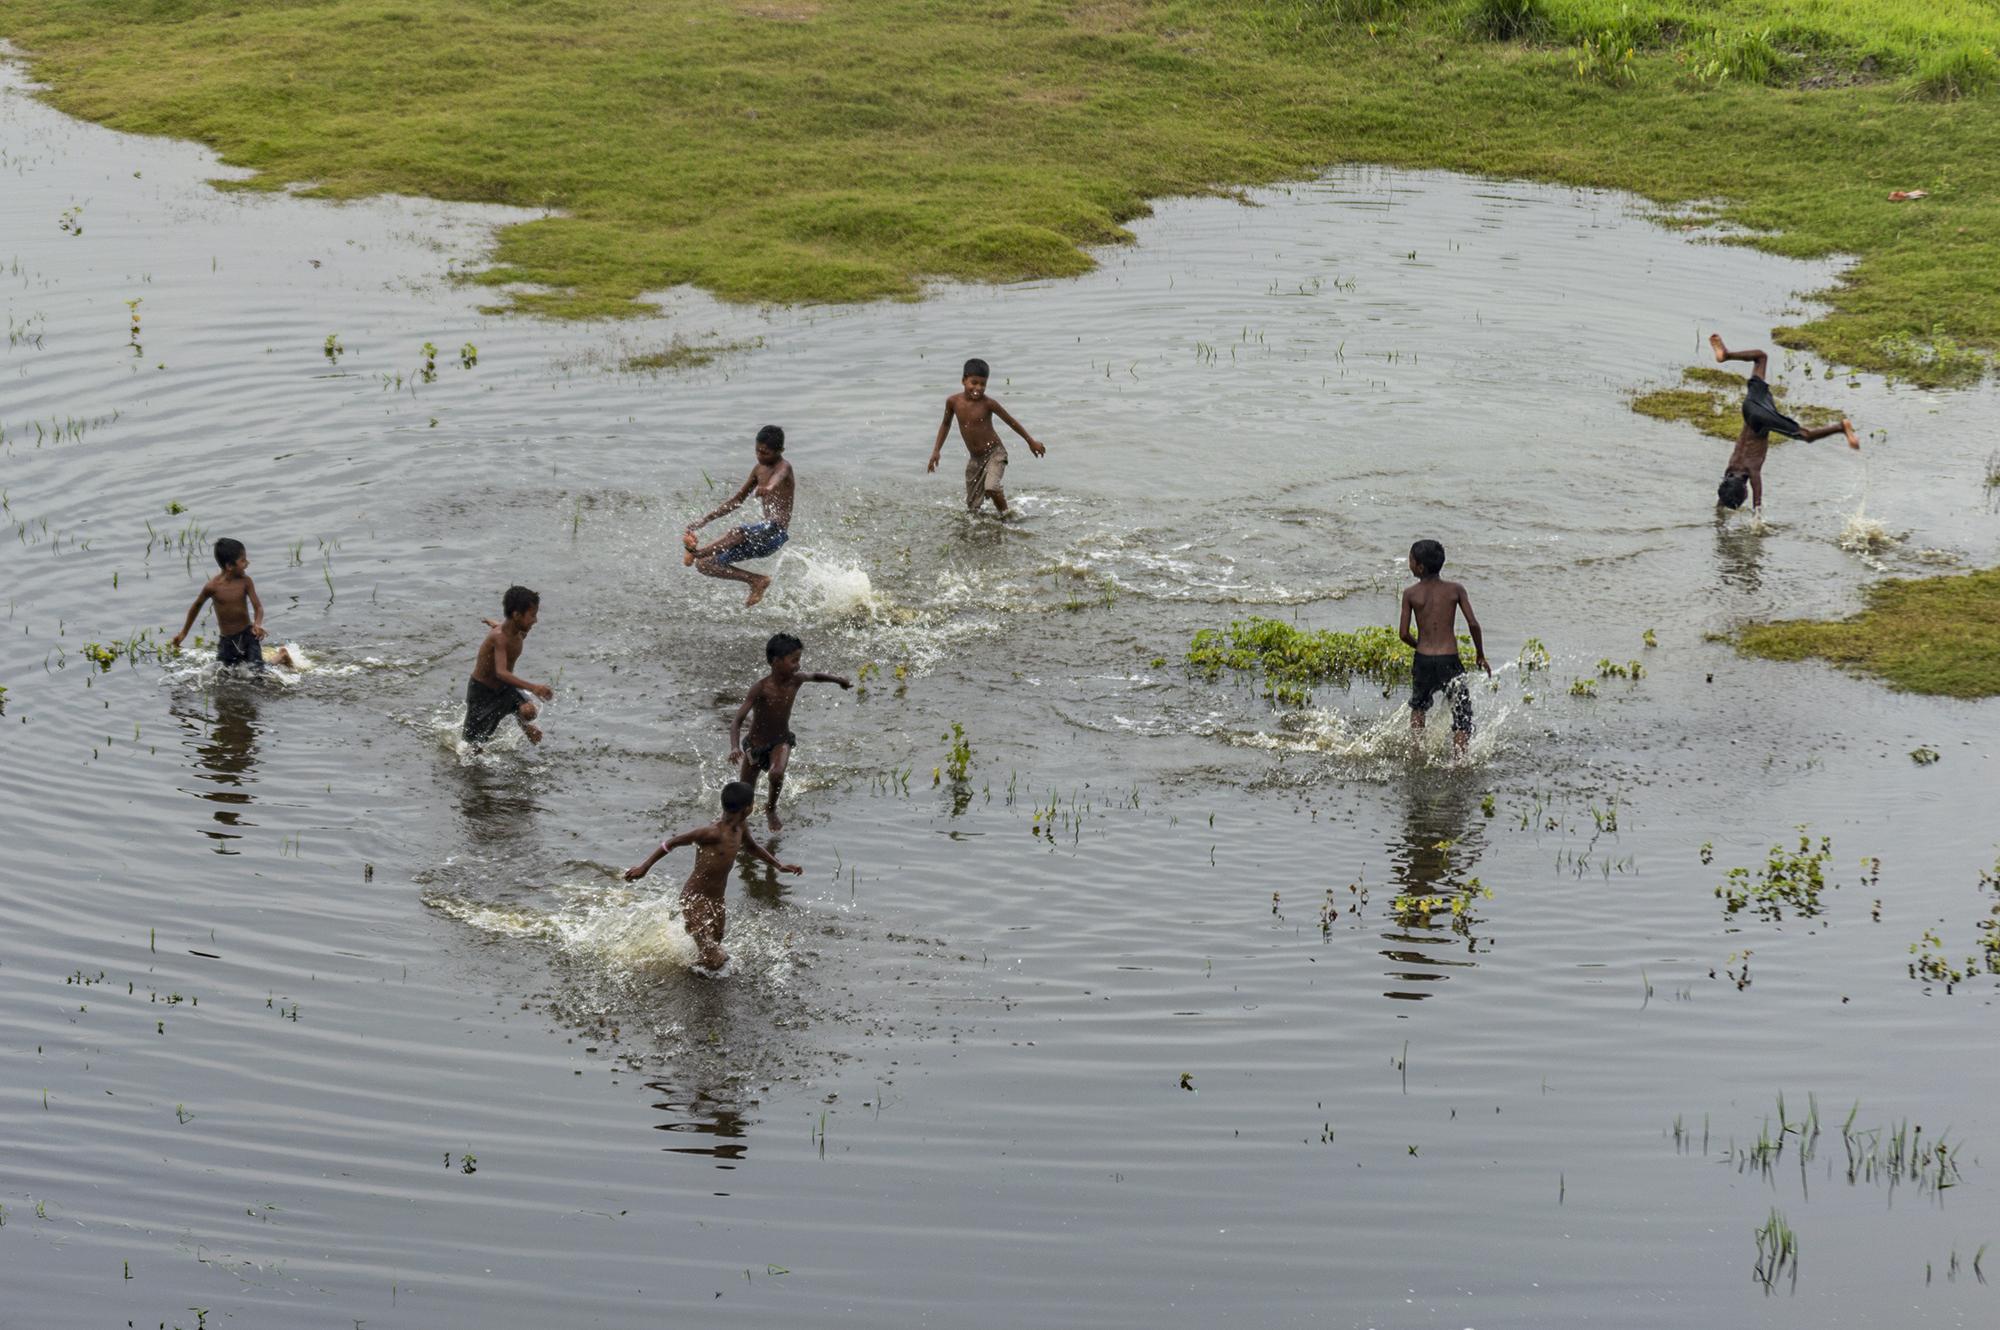 Children enjoying their bath in a hot summer day, near Barasat, Kolkata